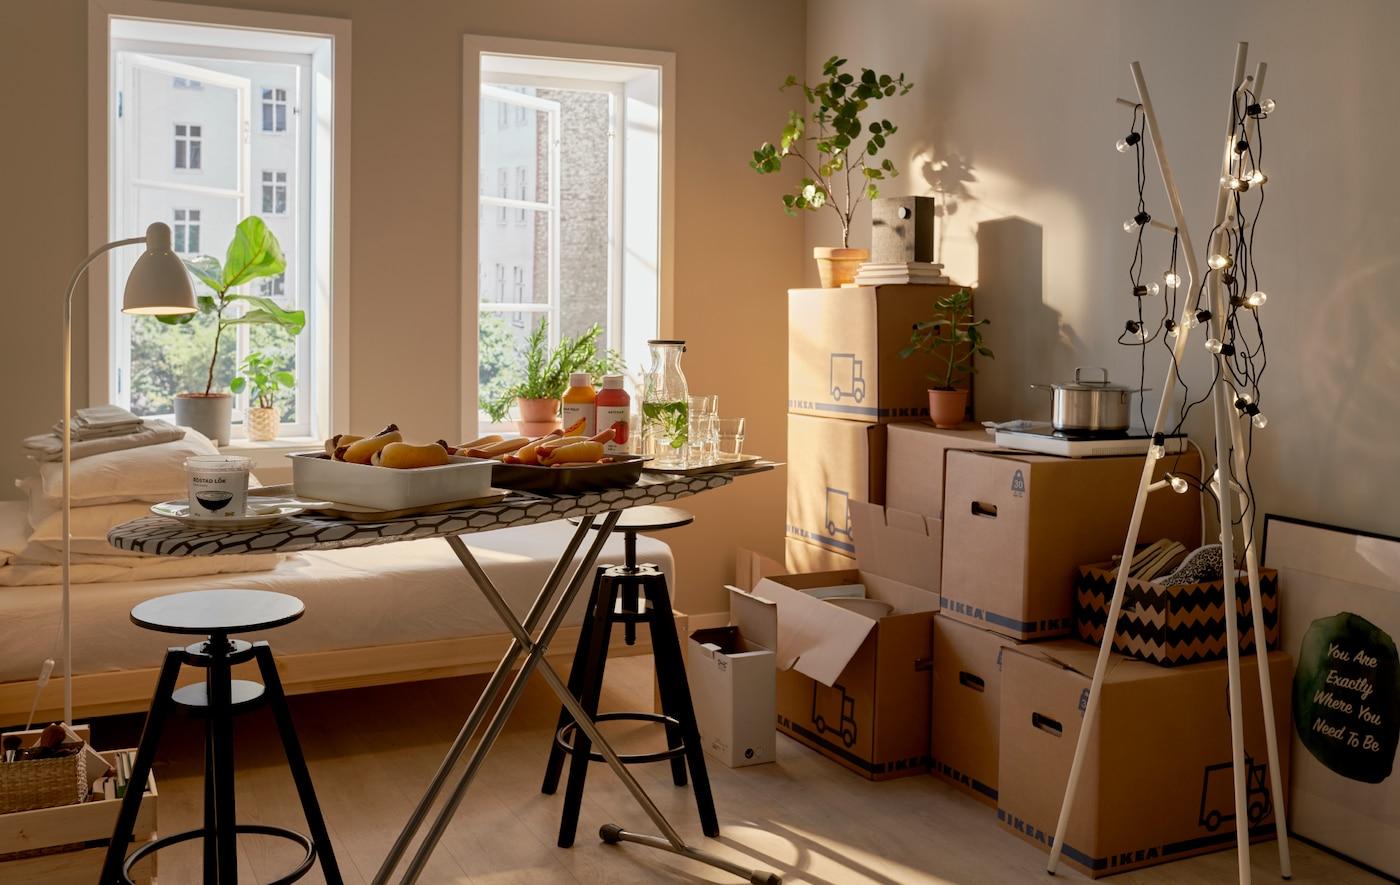 Stanza nel pieno di un trasloco con pile di scatoloni, un piccolo buffet servito su un'asse da stiro e un attaccapanni EKRAR decorato con un filo di luci - IKEA